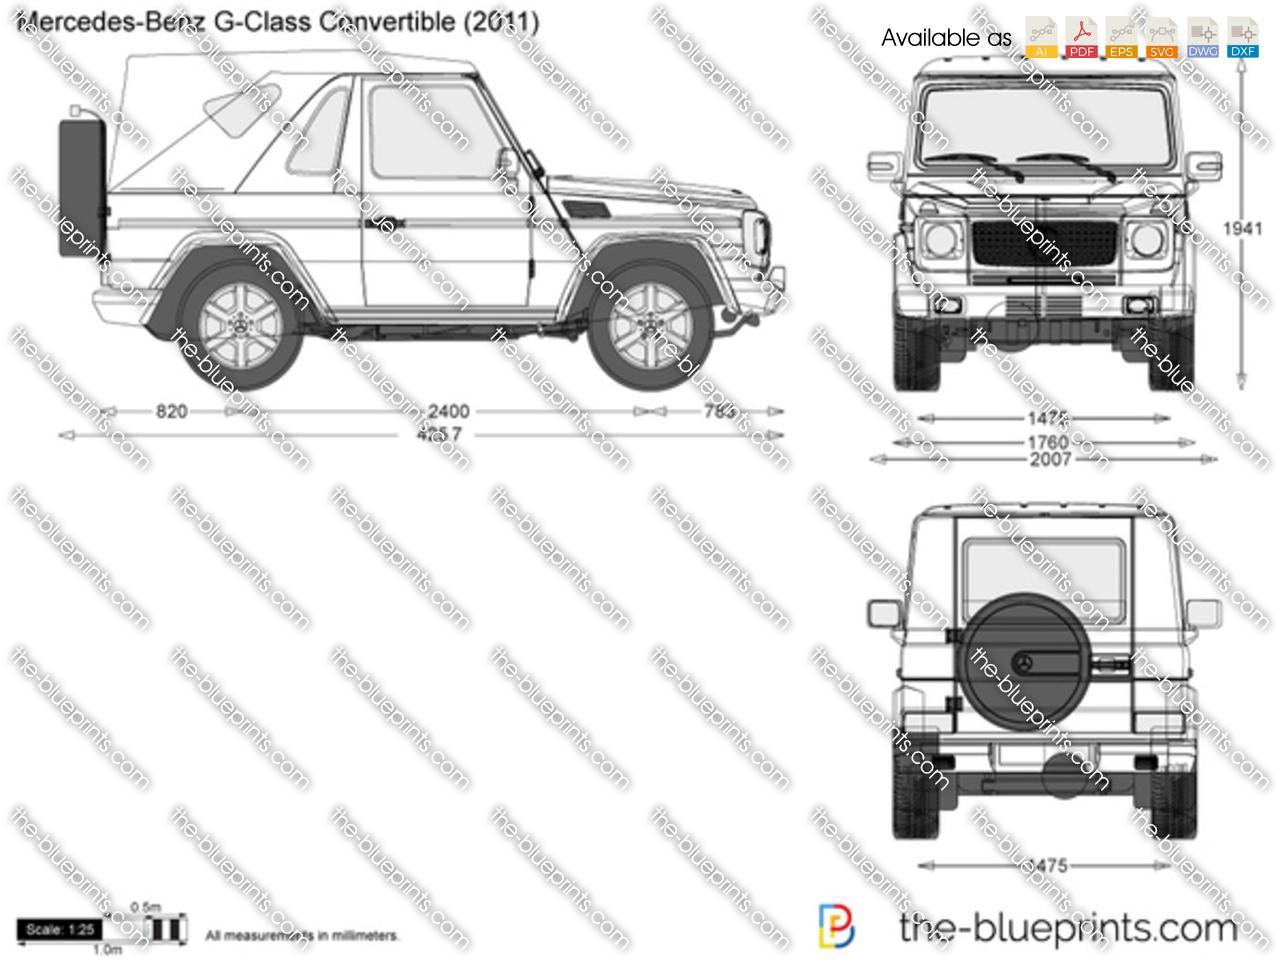 Mercedes-Benz G-Class Convertible vector drawing